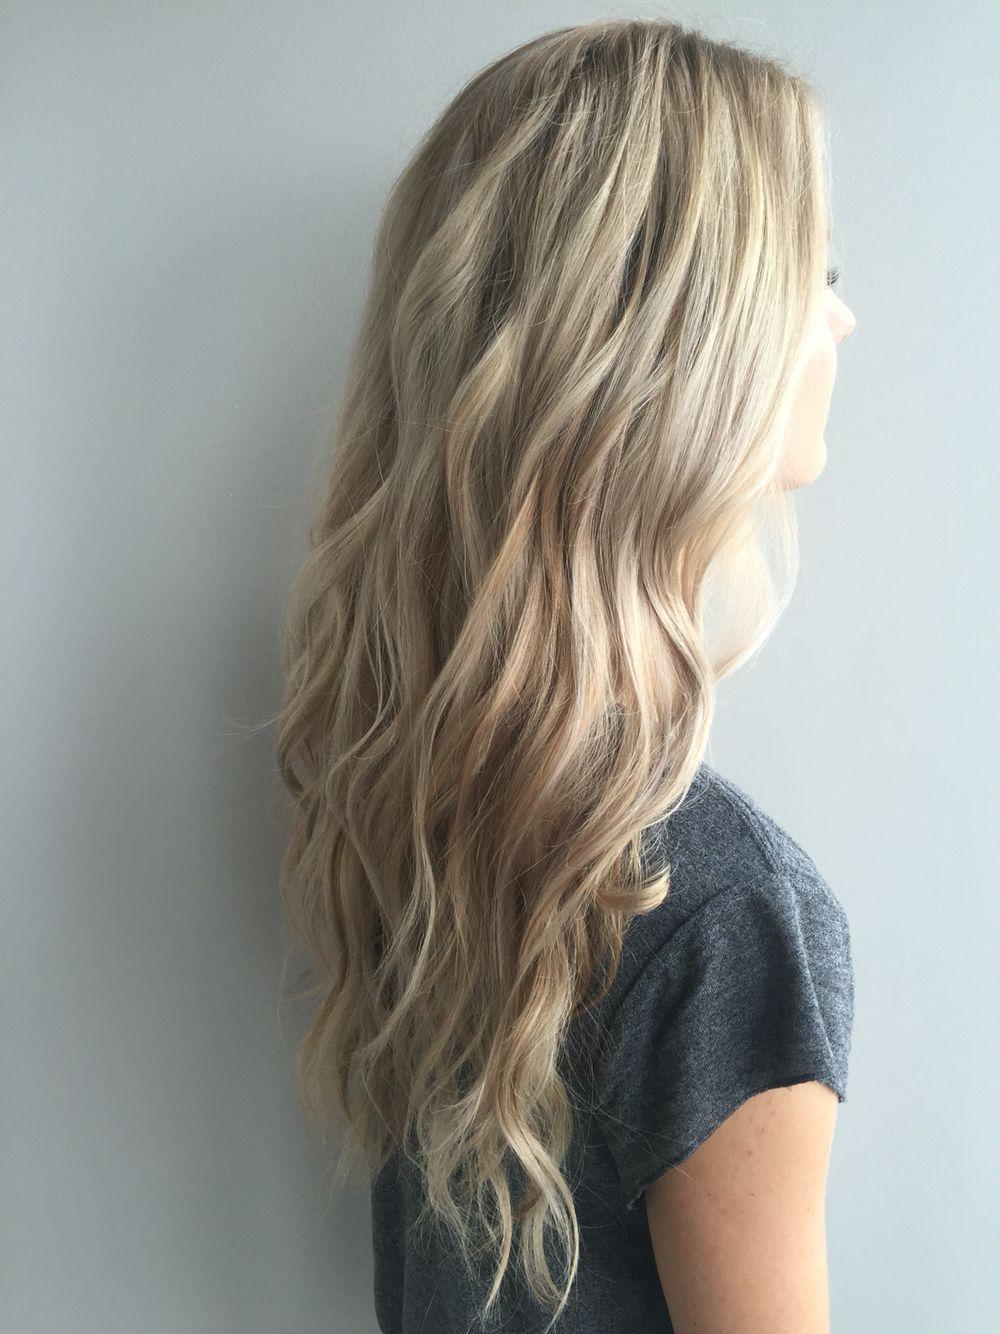 Long blonde hairstyles Dimensional blonde Dirty blonde